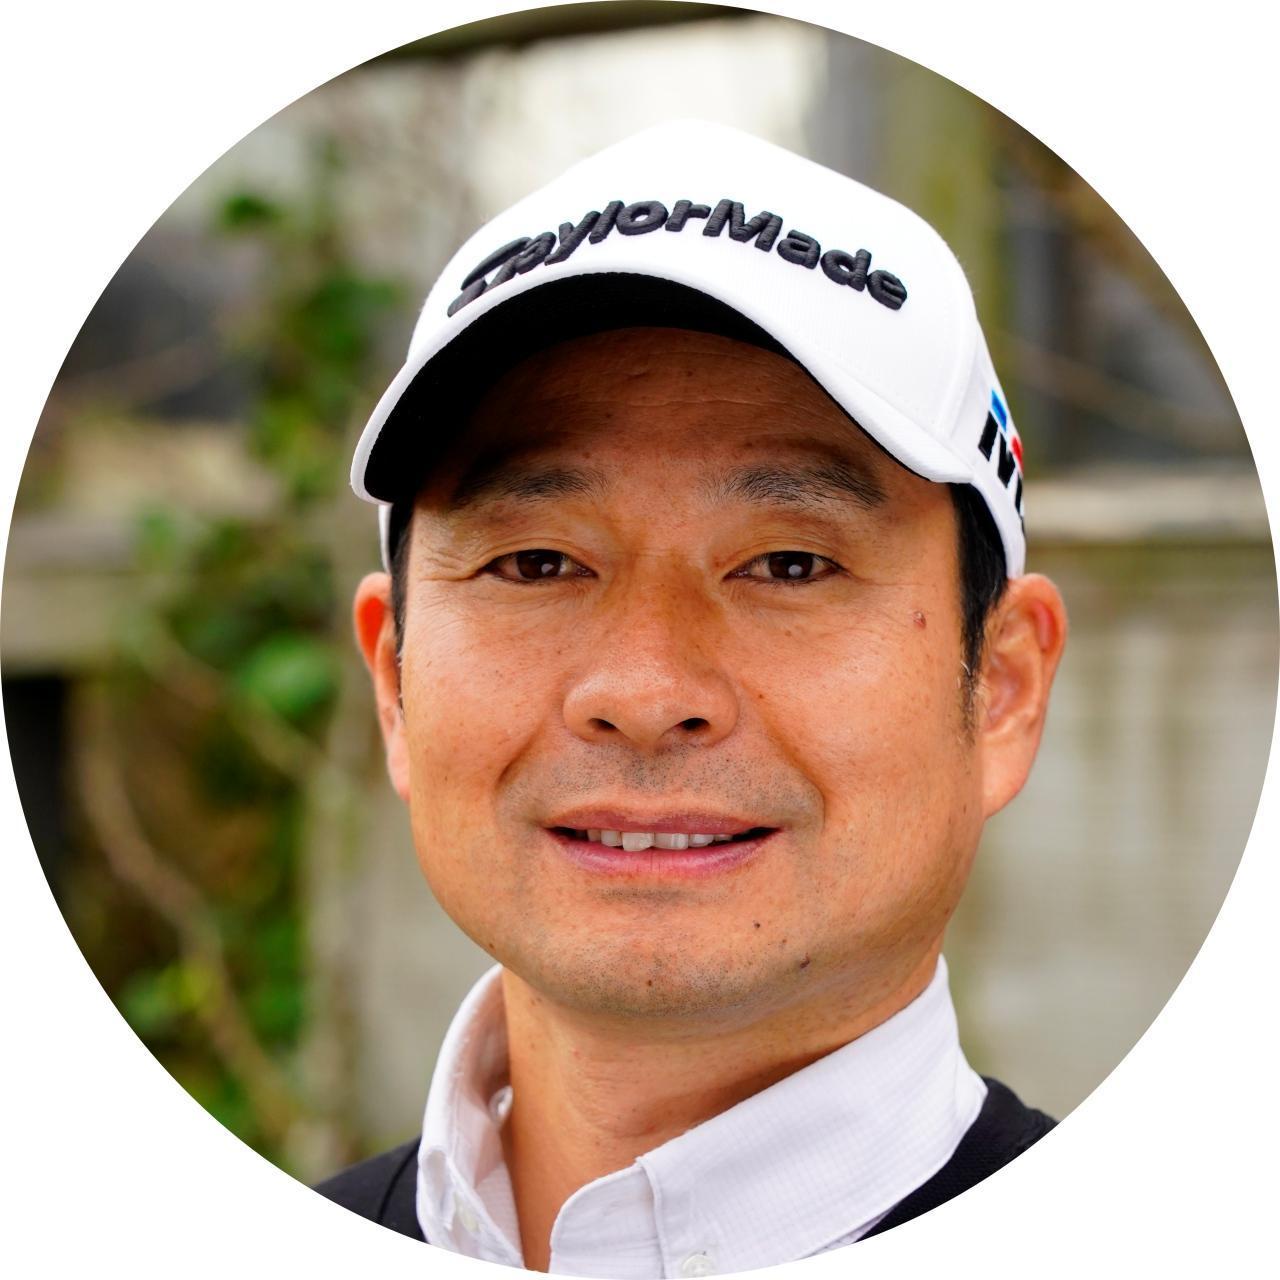 画像: 【試打・解説】平野茂プロ 社会人野球からゴルフに転向。叔父・中山徹プロに弟子入り。「フラットフィールド スクール・オブ・ゴルフ」主宰